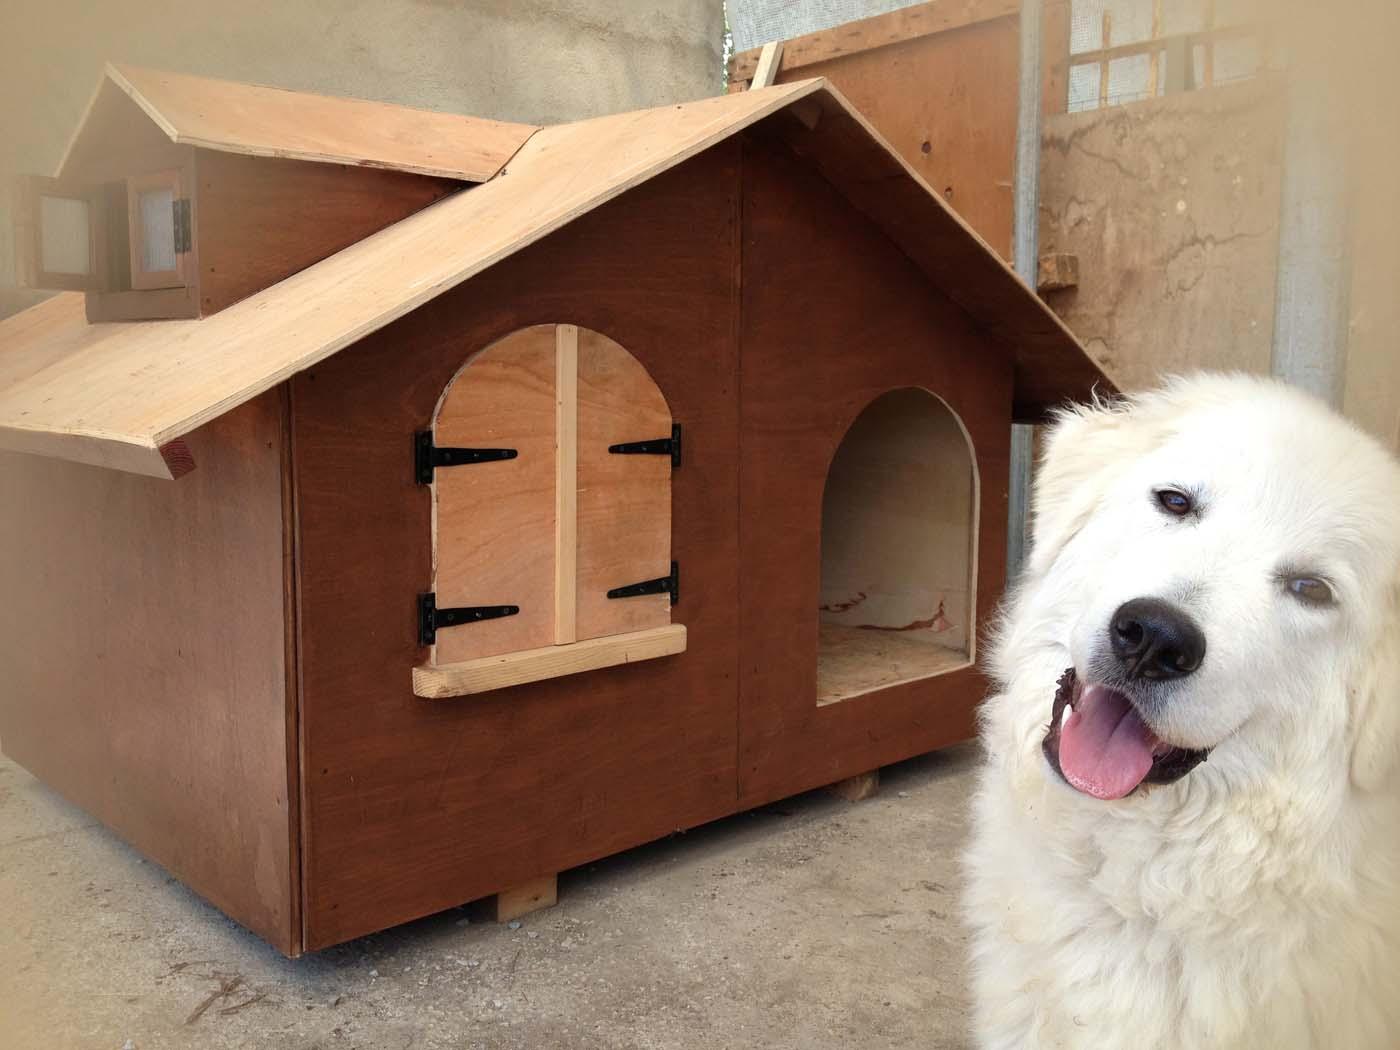 una cuccia per cani in legno con accanto un pastore maremmano